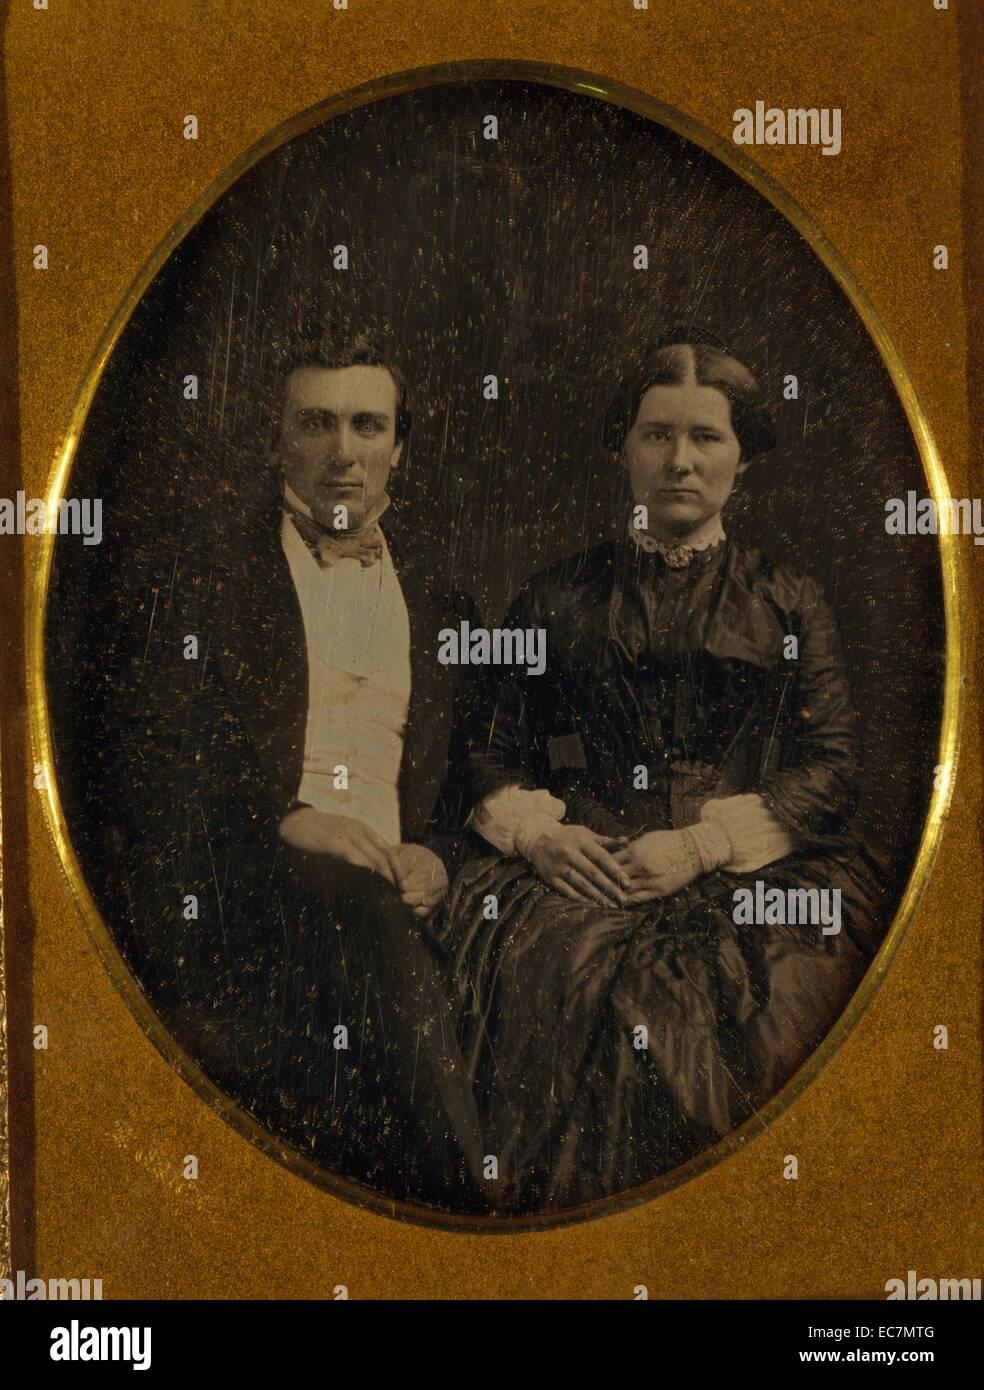 Un hombre y una mujer no identificada, tres cuartas partes de longitud vertical, sentado Imagen De Stock